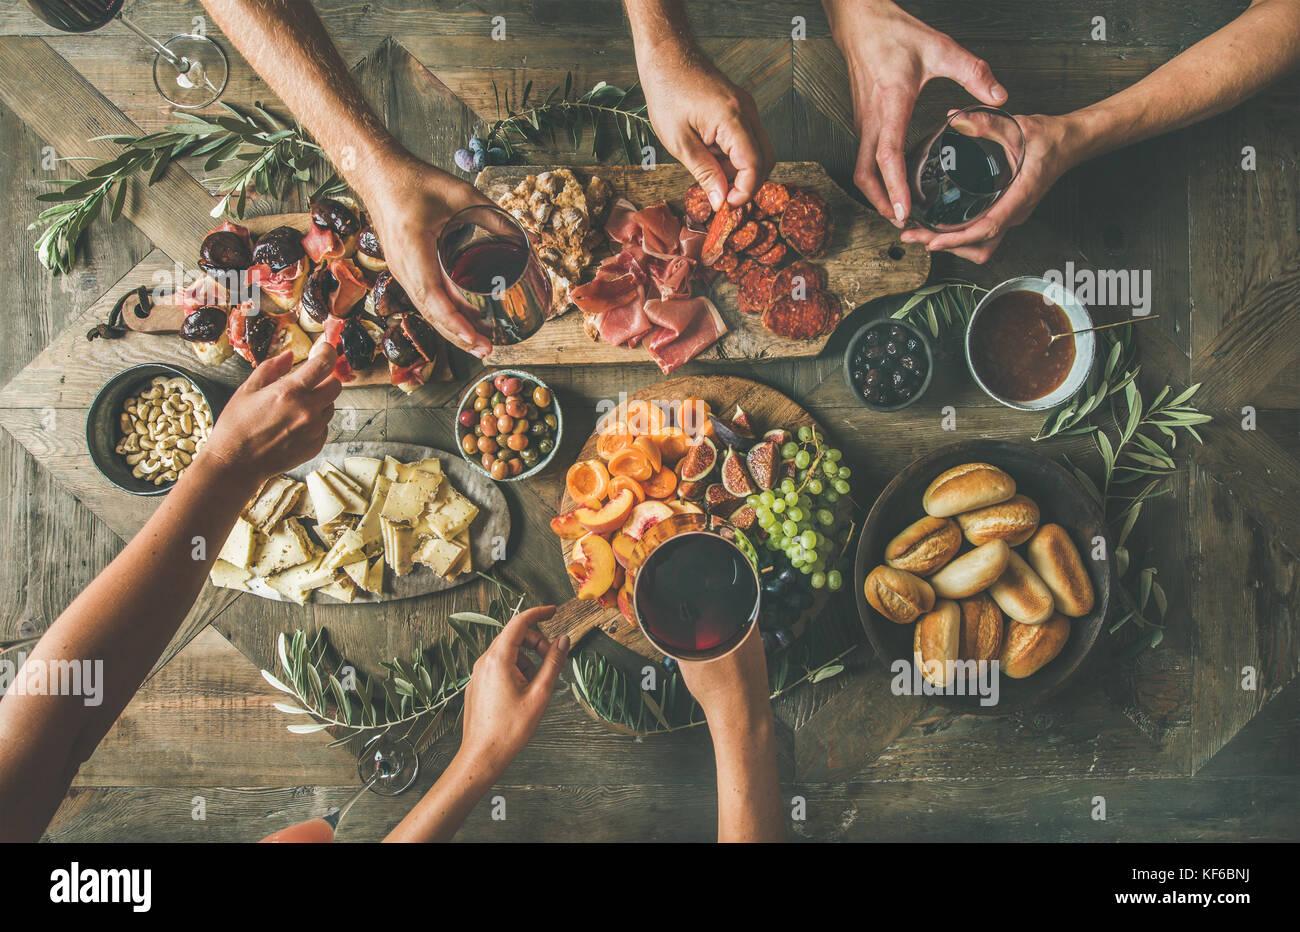 Vue de dessus les gens de boire et manger ensemble au-dessus de la table Photo Stock